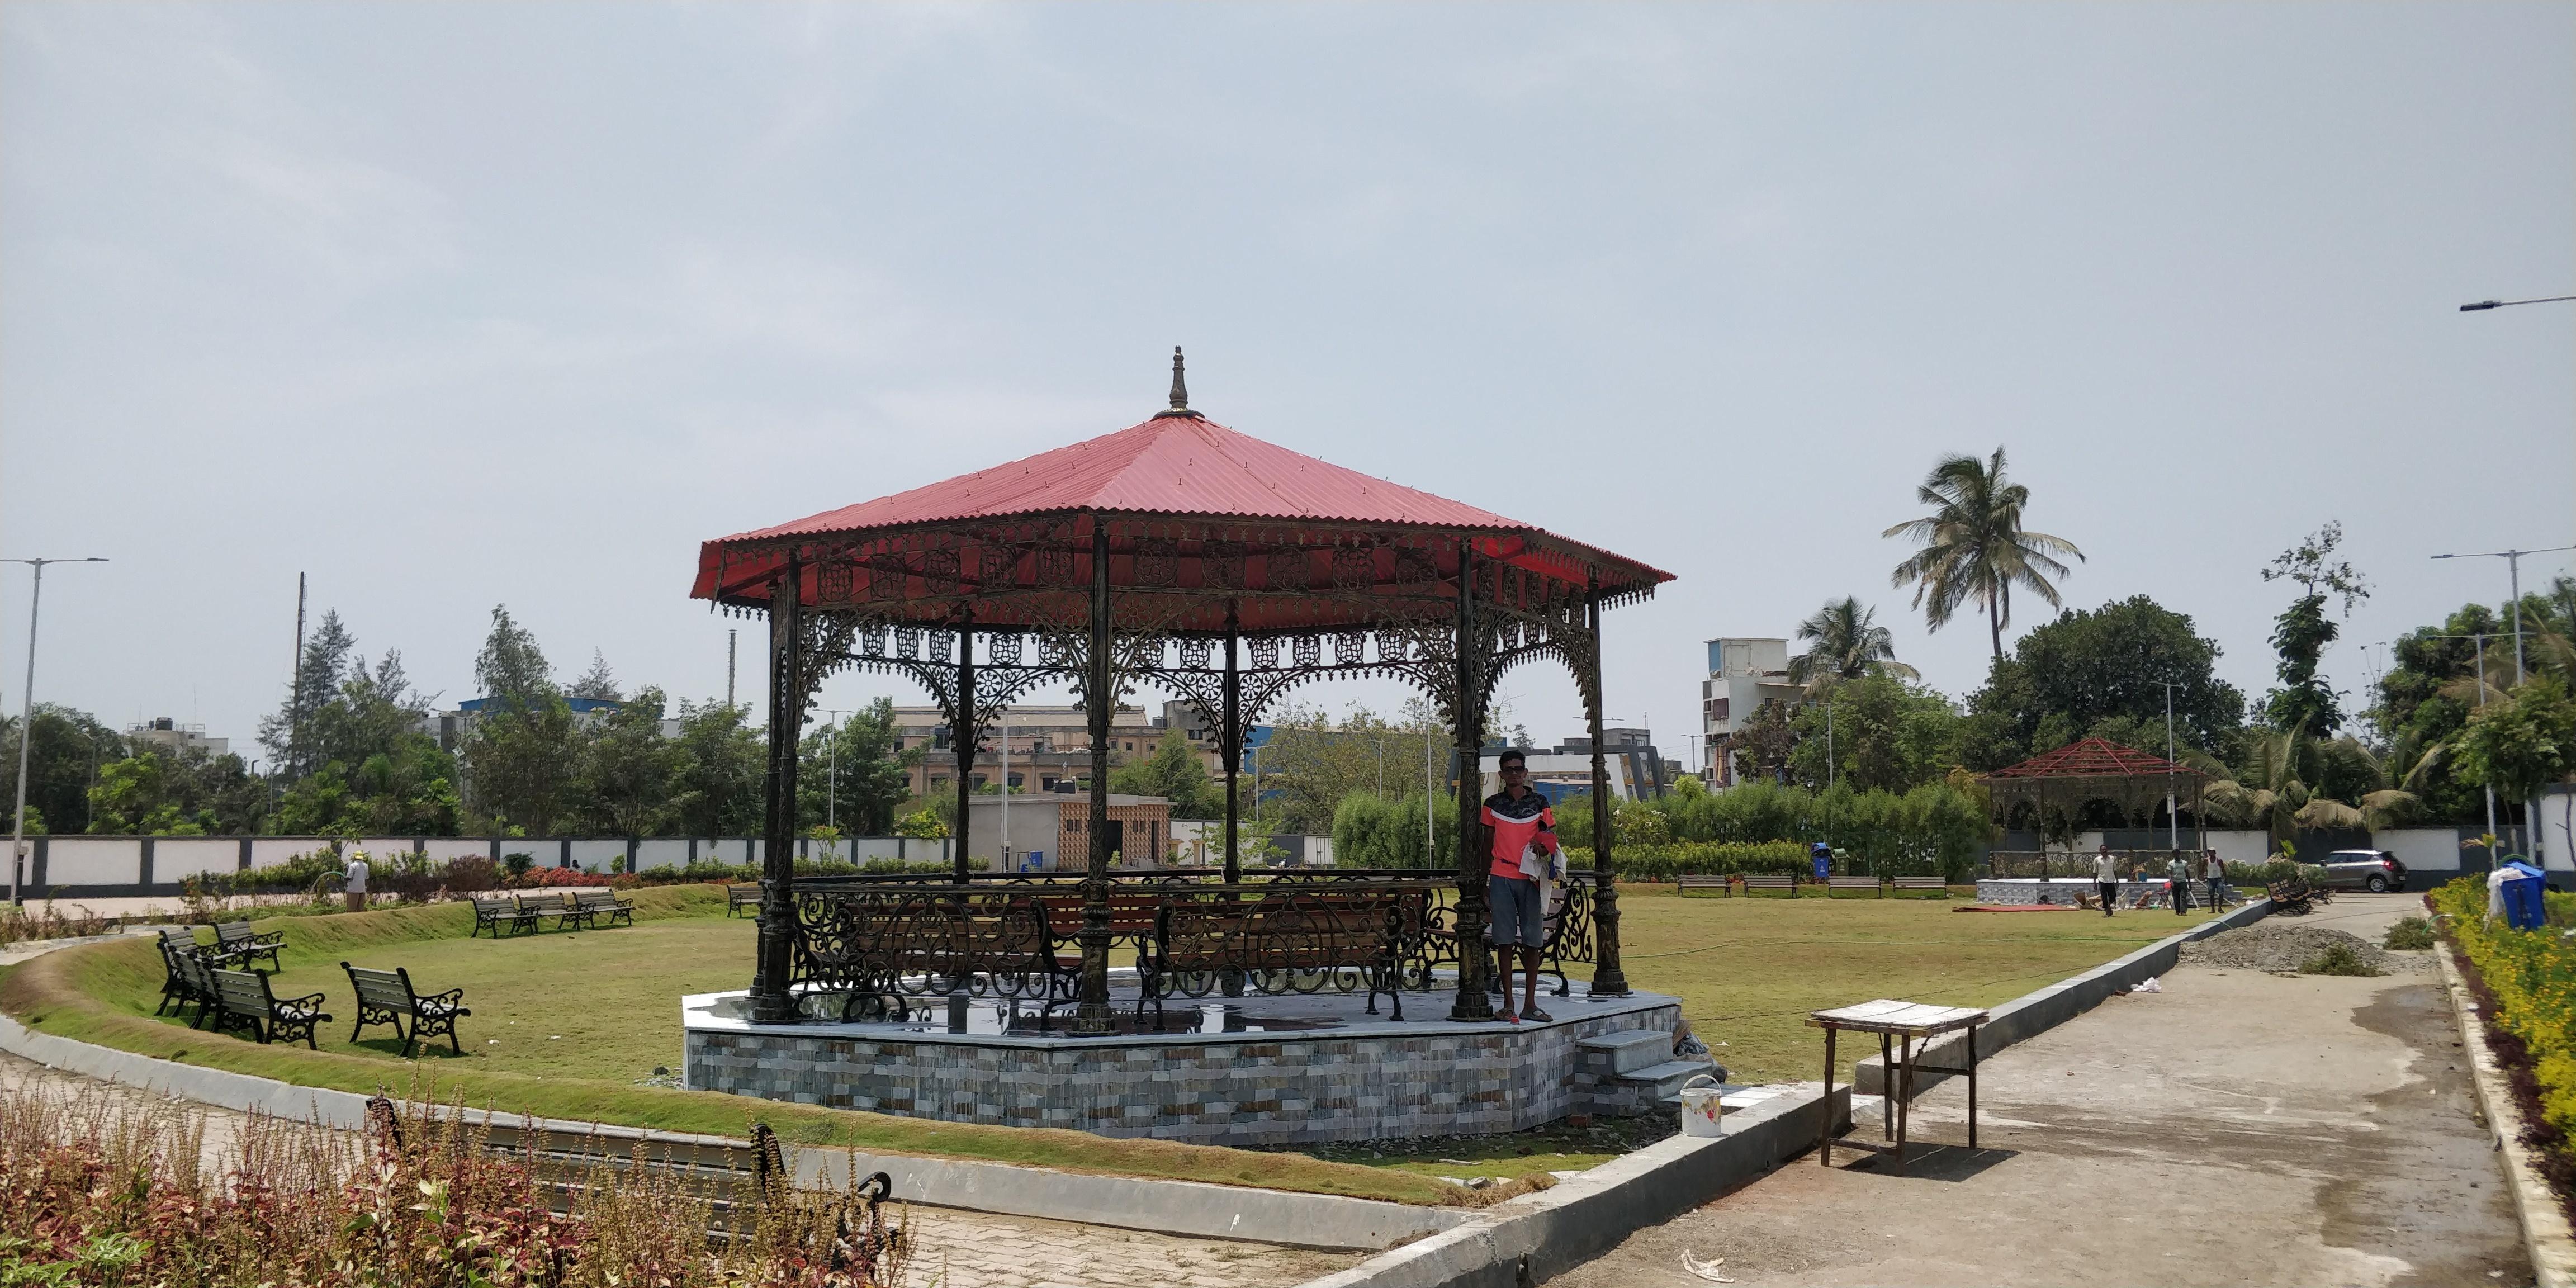 Gazebo - Shahi Darbar